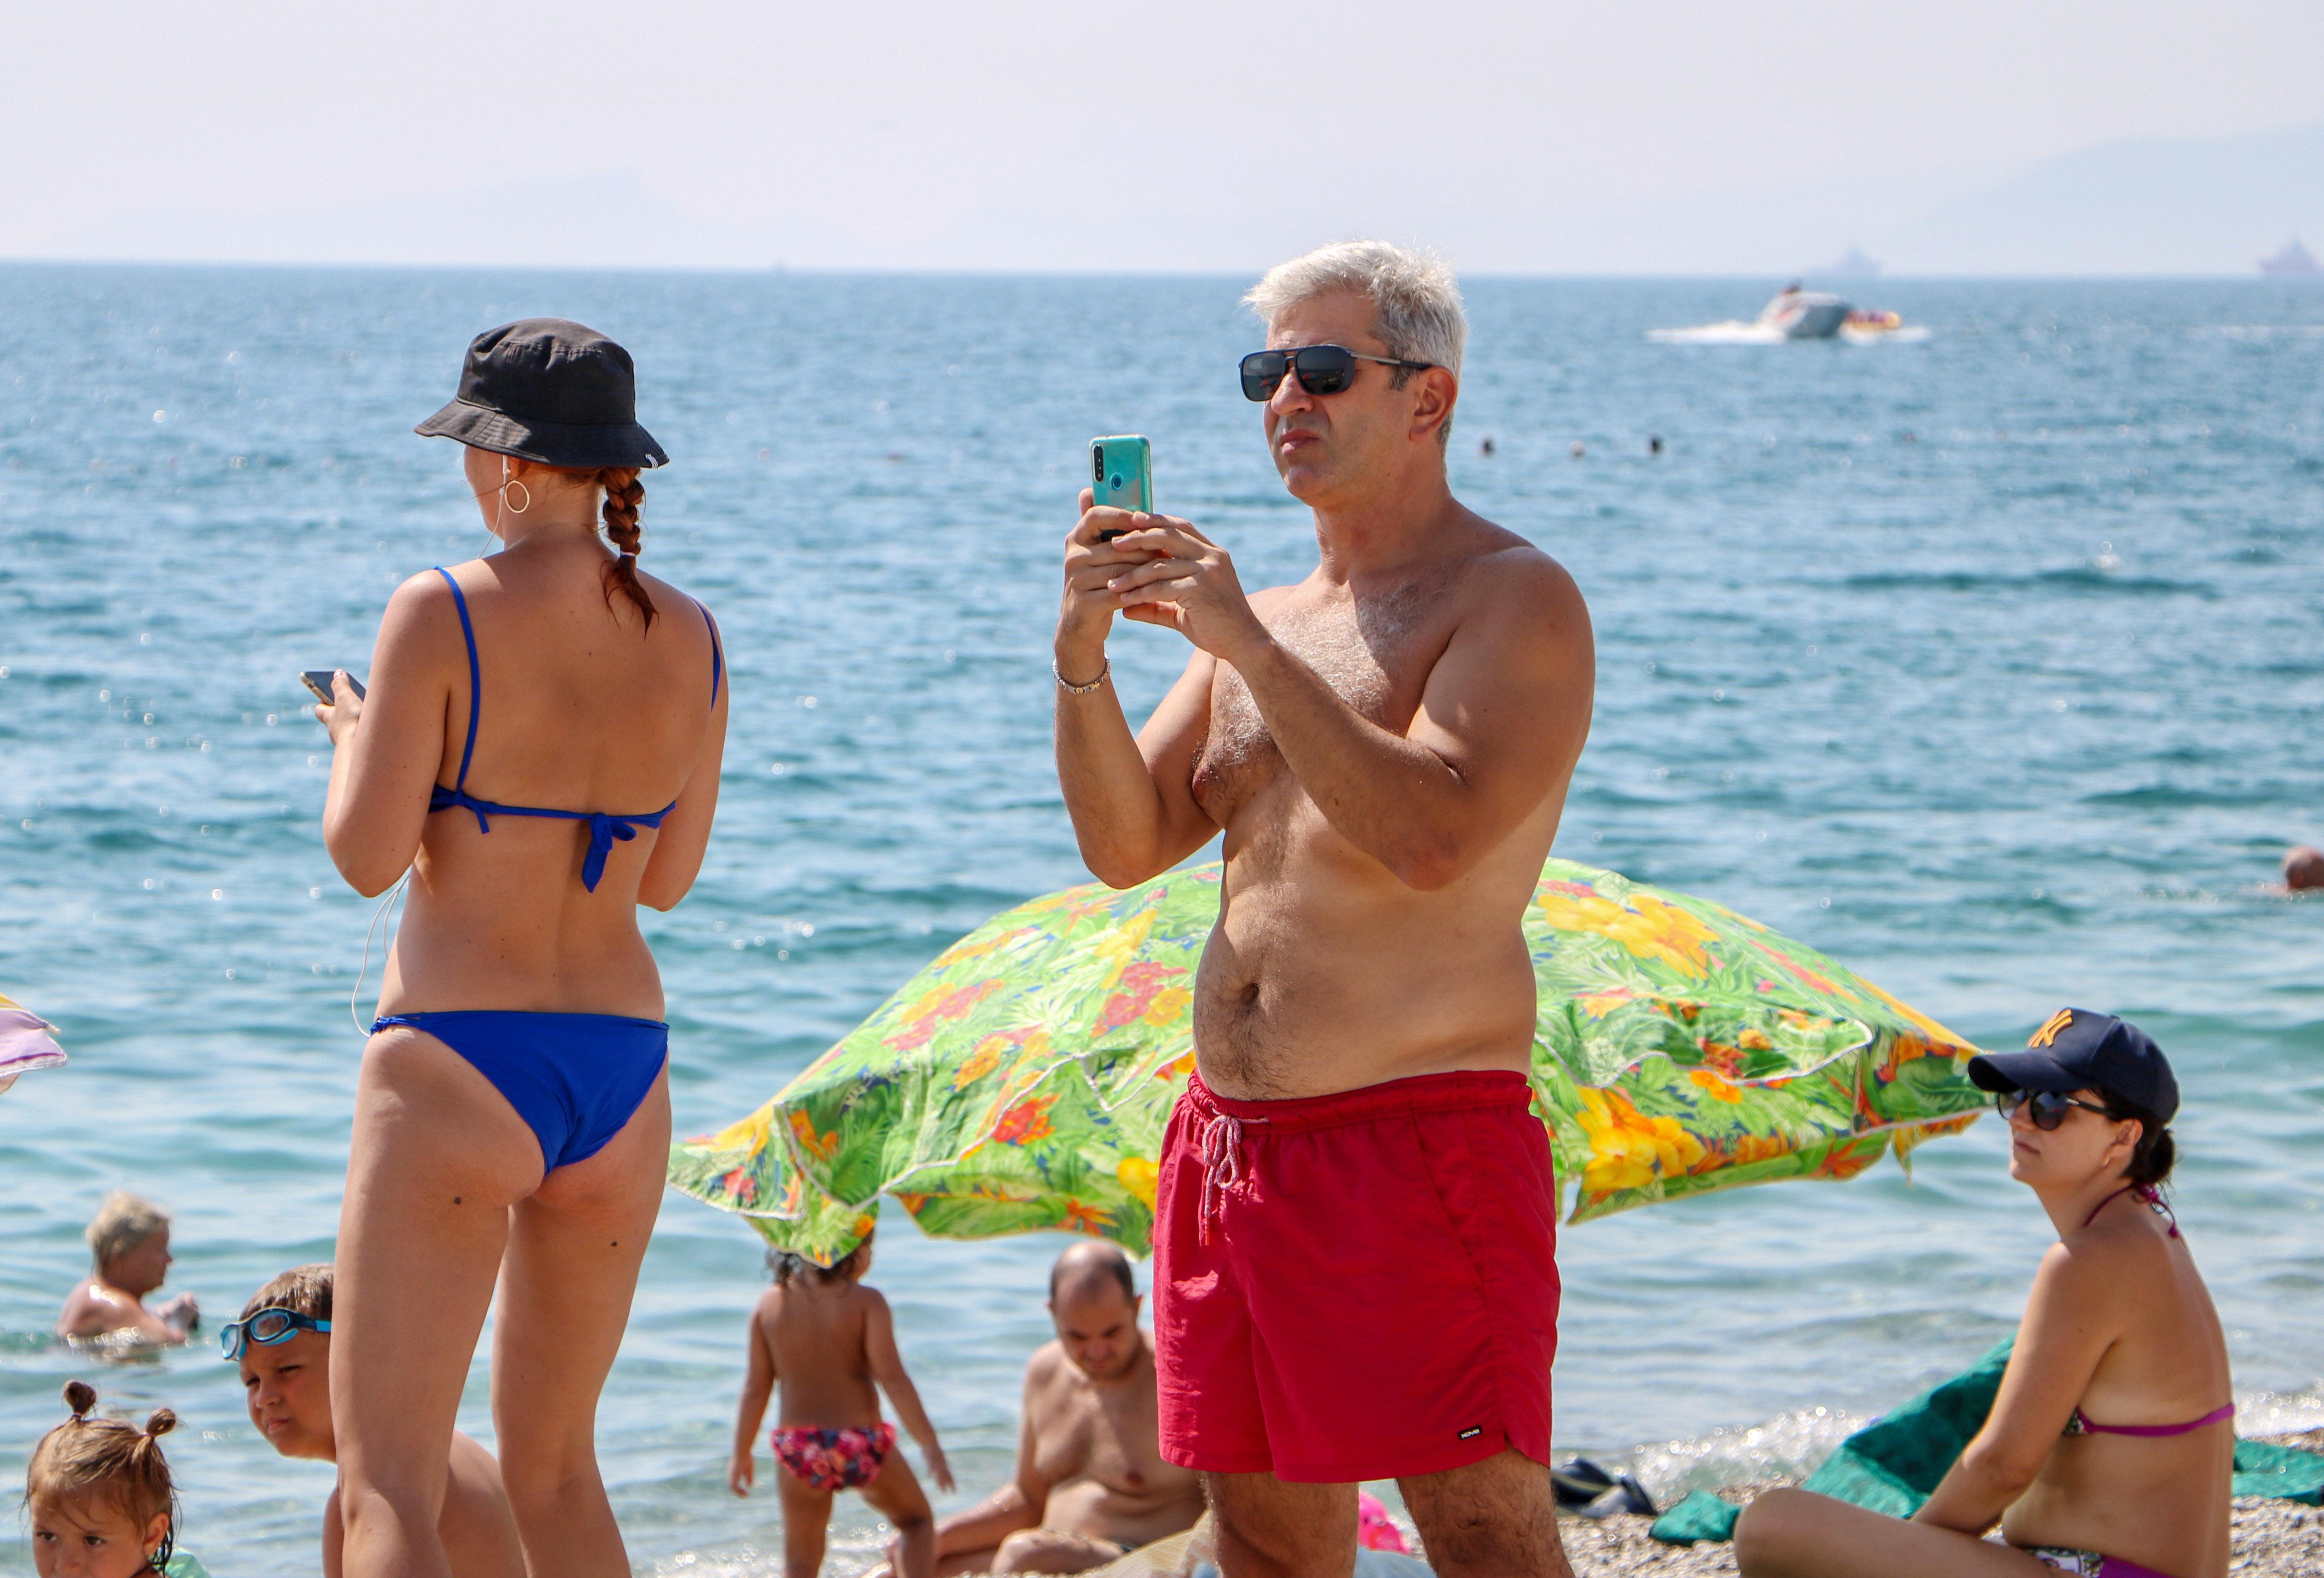 sahilde-olmek-istemiyorum-diye-aglayan-kadin-koronaviruslu-cikti-6844-dhaphoto13.jpg